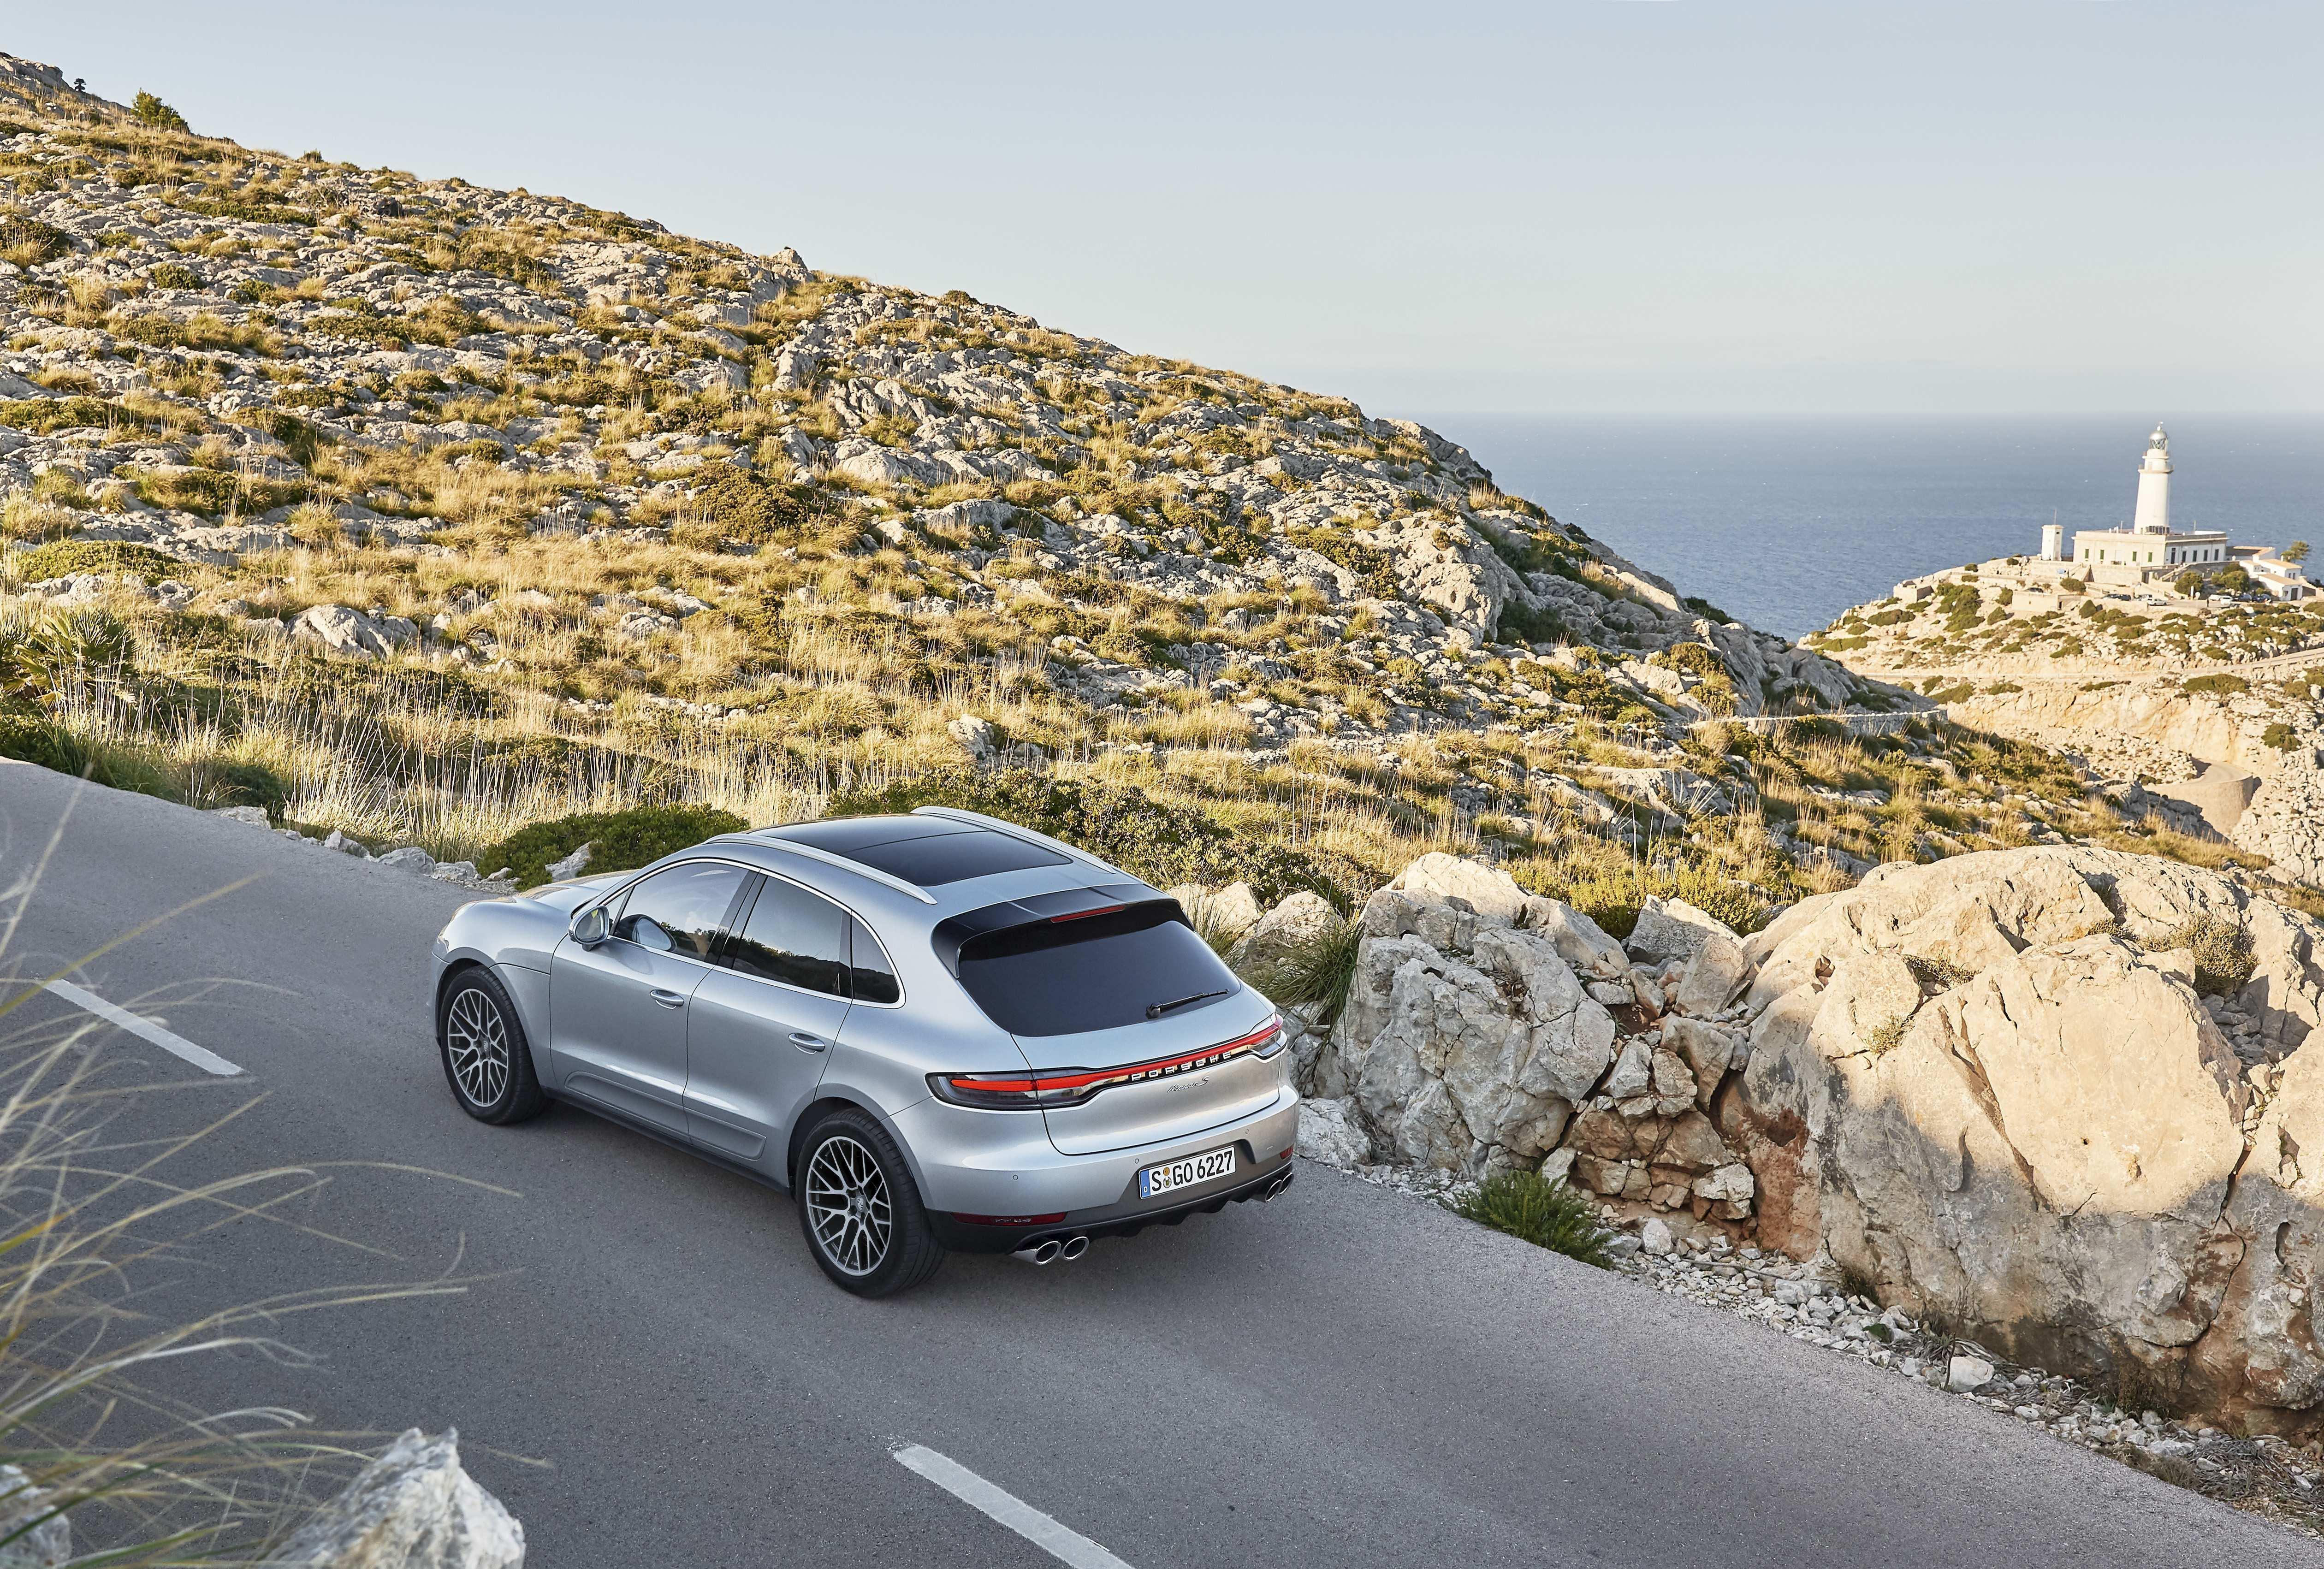 40 Great 2020 Porsche Macan Spesification for 2020 Porsche Macan